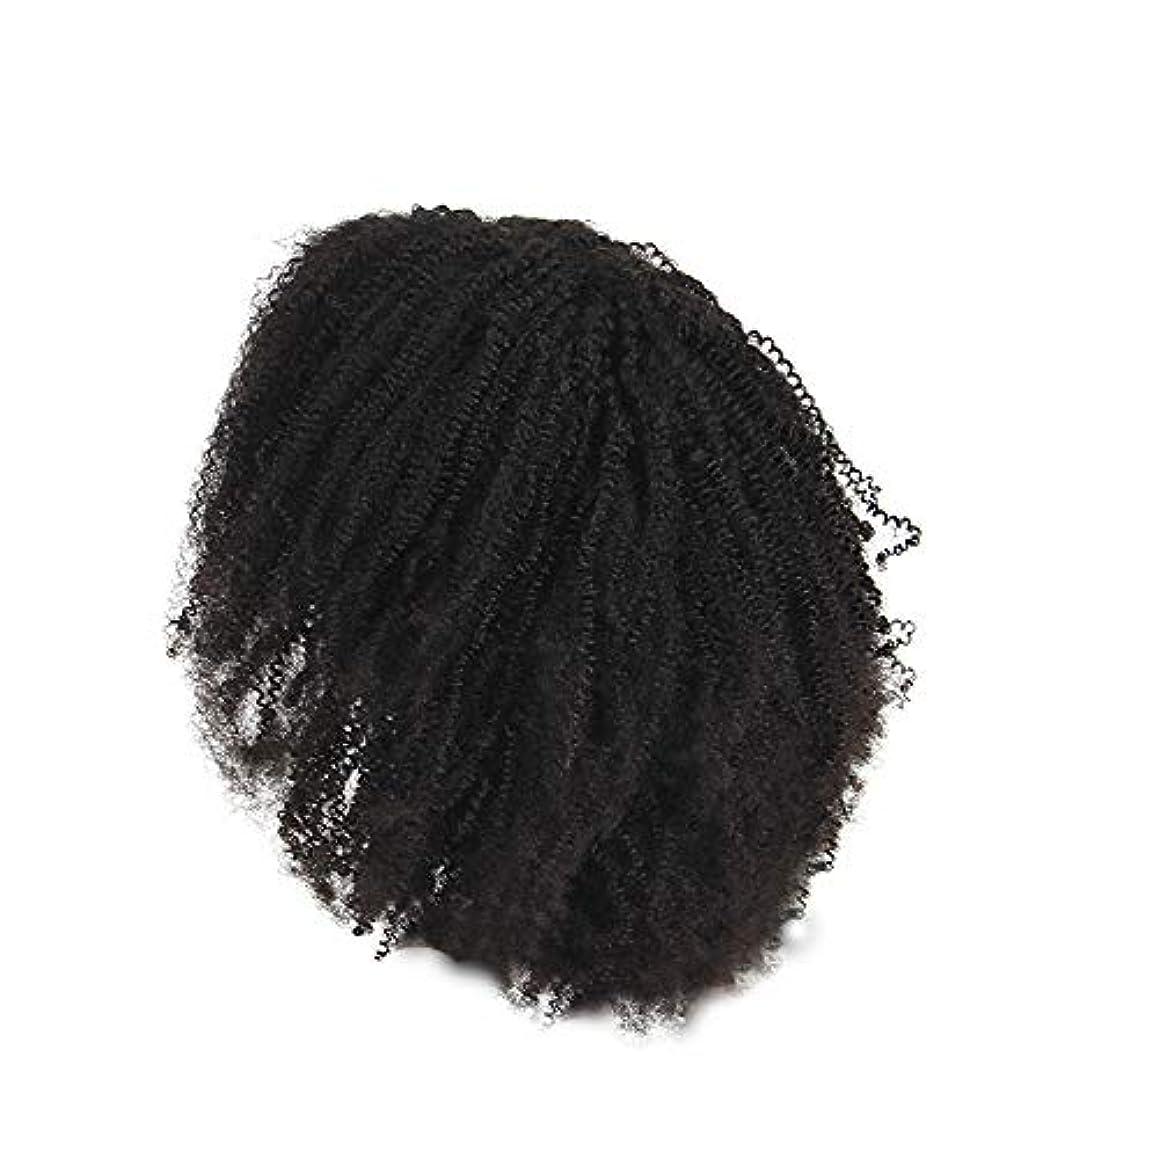 ナチュラルバルーン第四かつらレース化学繊維爆発ヘッド小体積短い髪かつらの前に